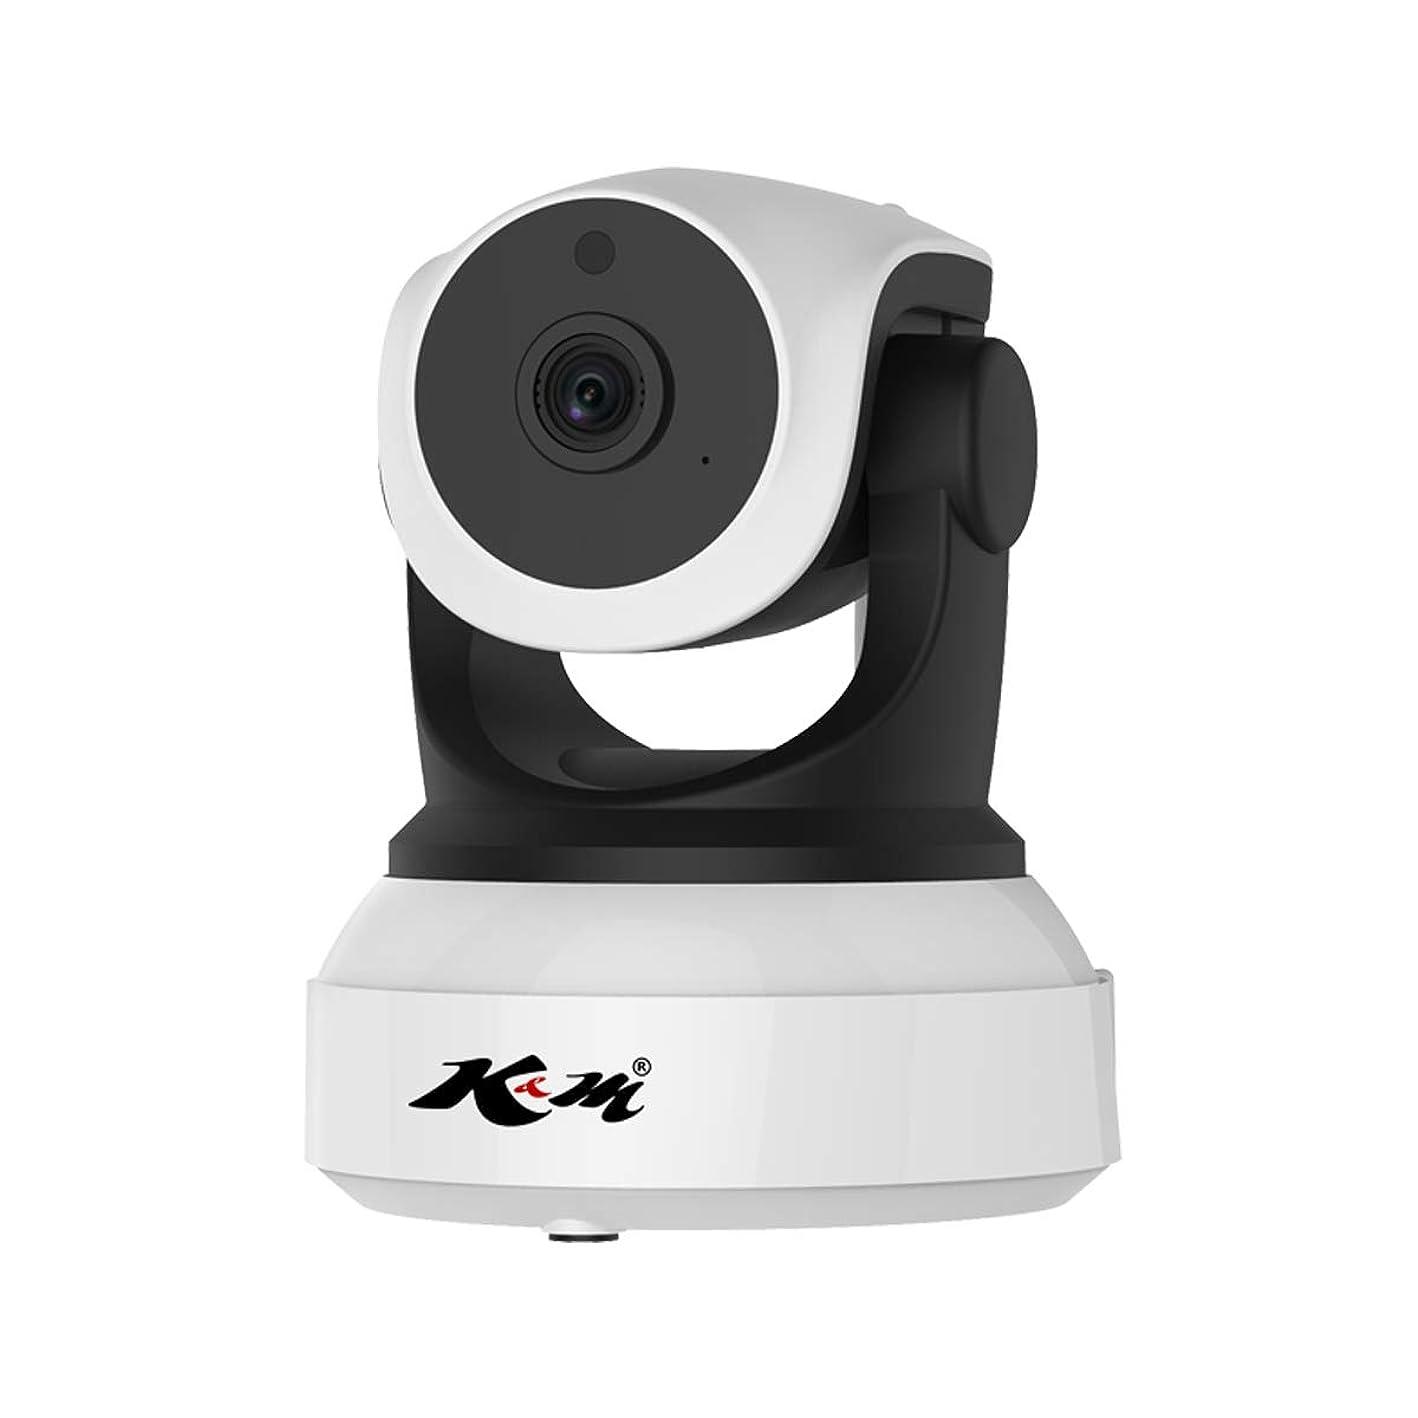 軽食確立します個人的な「C24WIP」C24S 100万画素 防犯カメラ 新モデル Vstarcam C7824WIP WiFi 無線 MicroSDカード録画 屋内用 監視 ネットワーク カメラ 宅配便 K&M